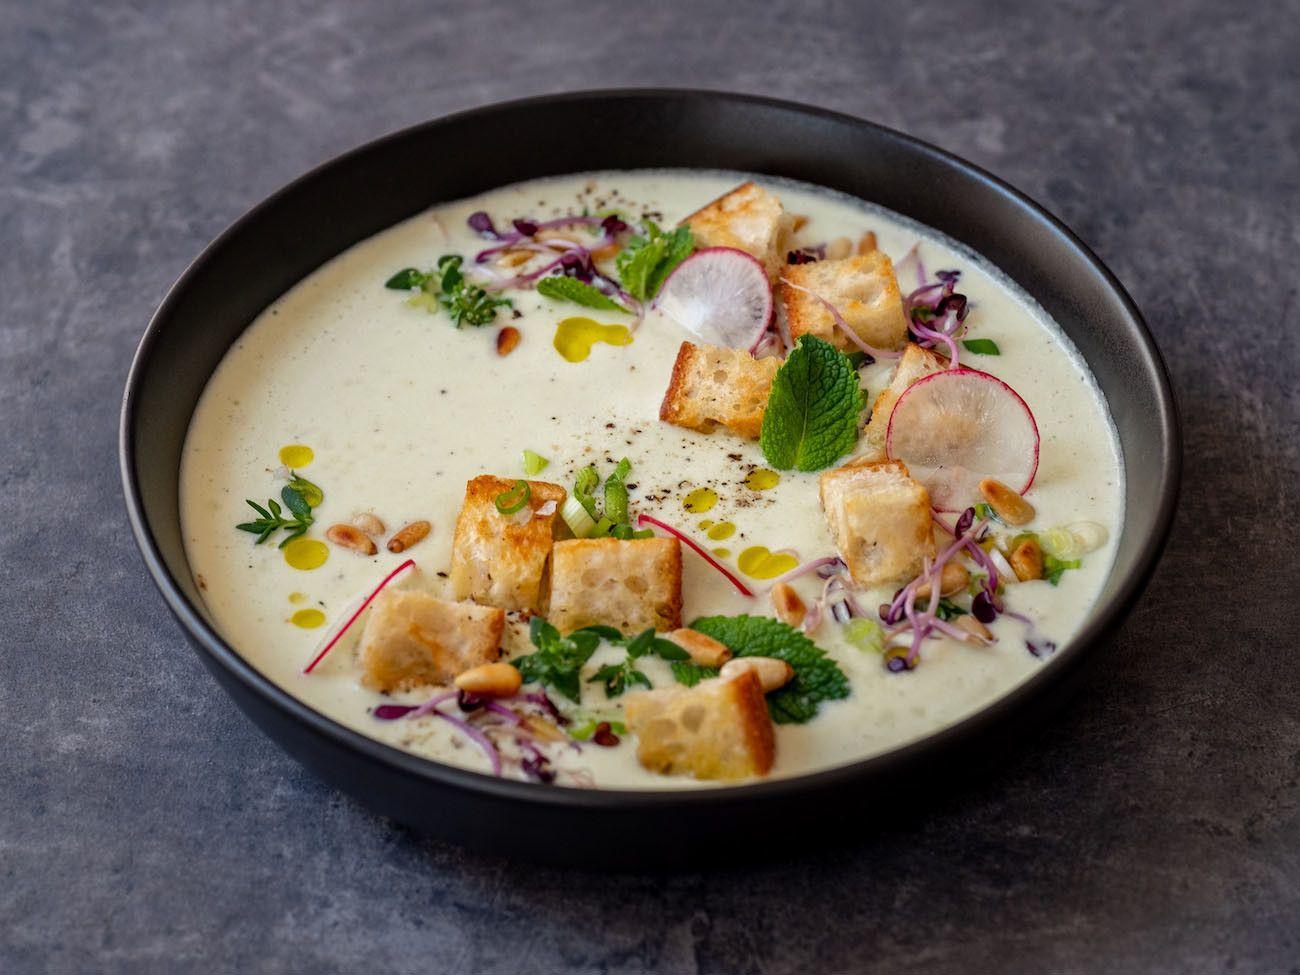 Foodblog, About Fuel, Rezept Gurken-Mandel-Gazpacho mit Croutons, Radieschen, Pfeffer, Thymian, Minze